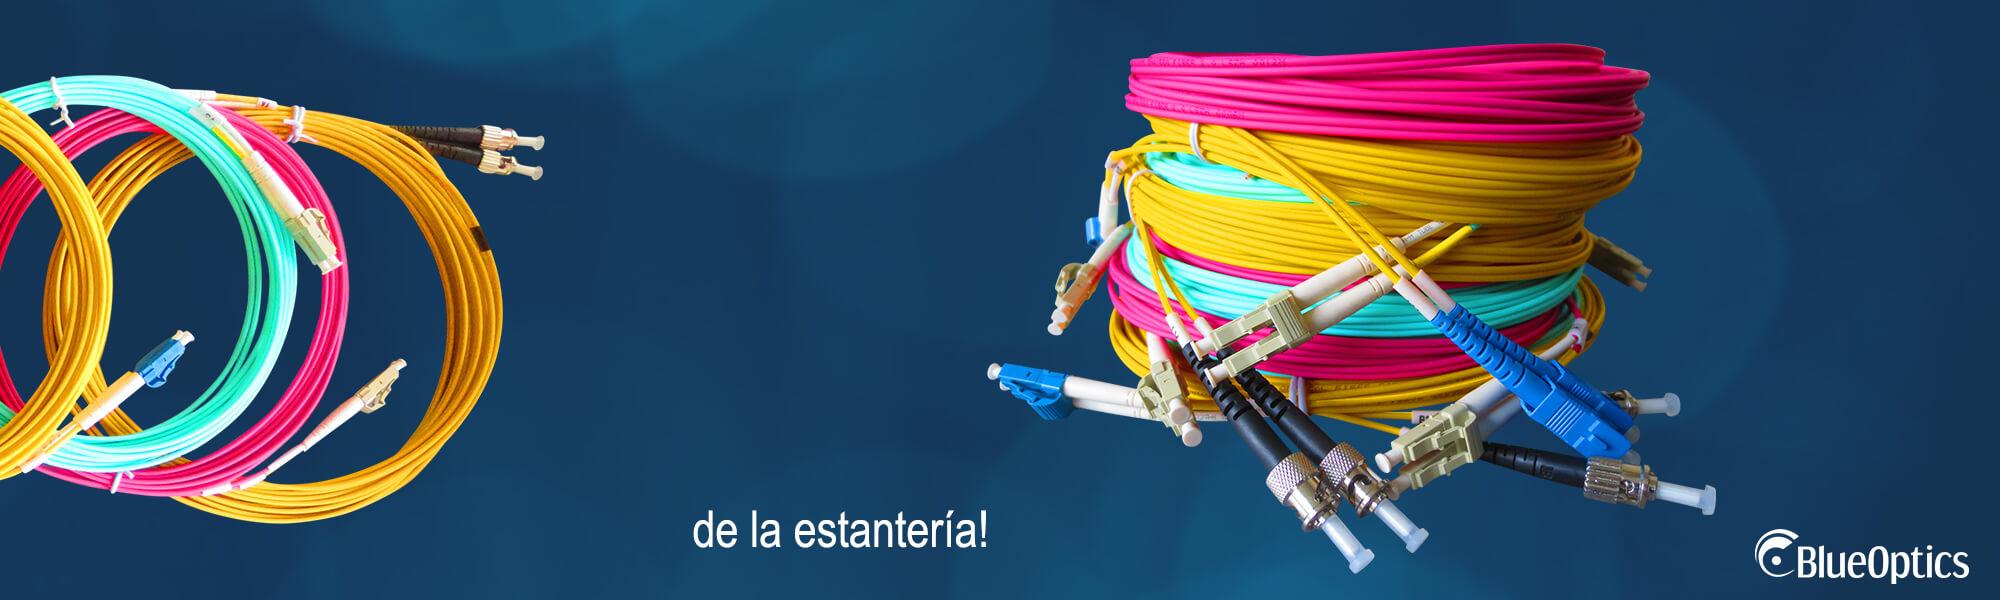 Cordones de fibra BlueOptics